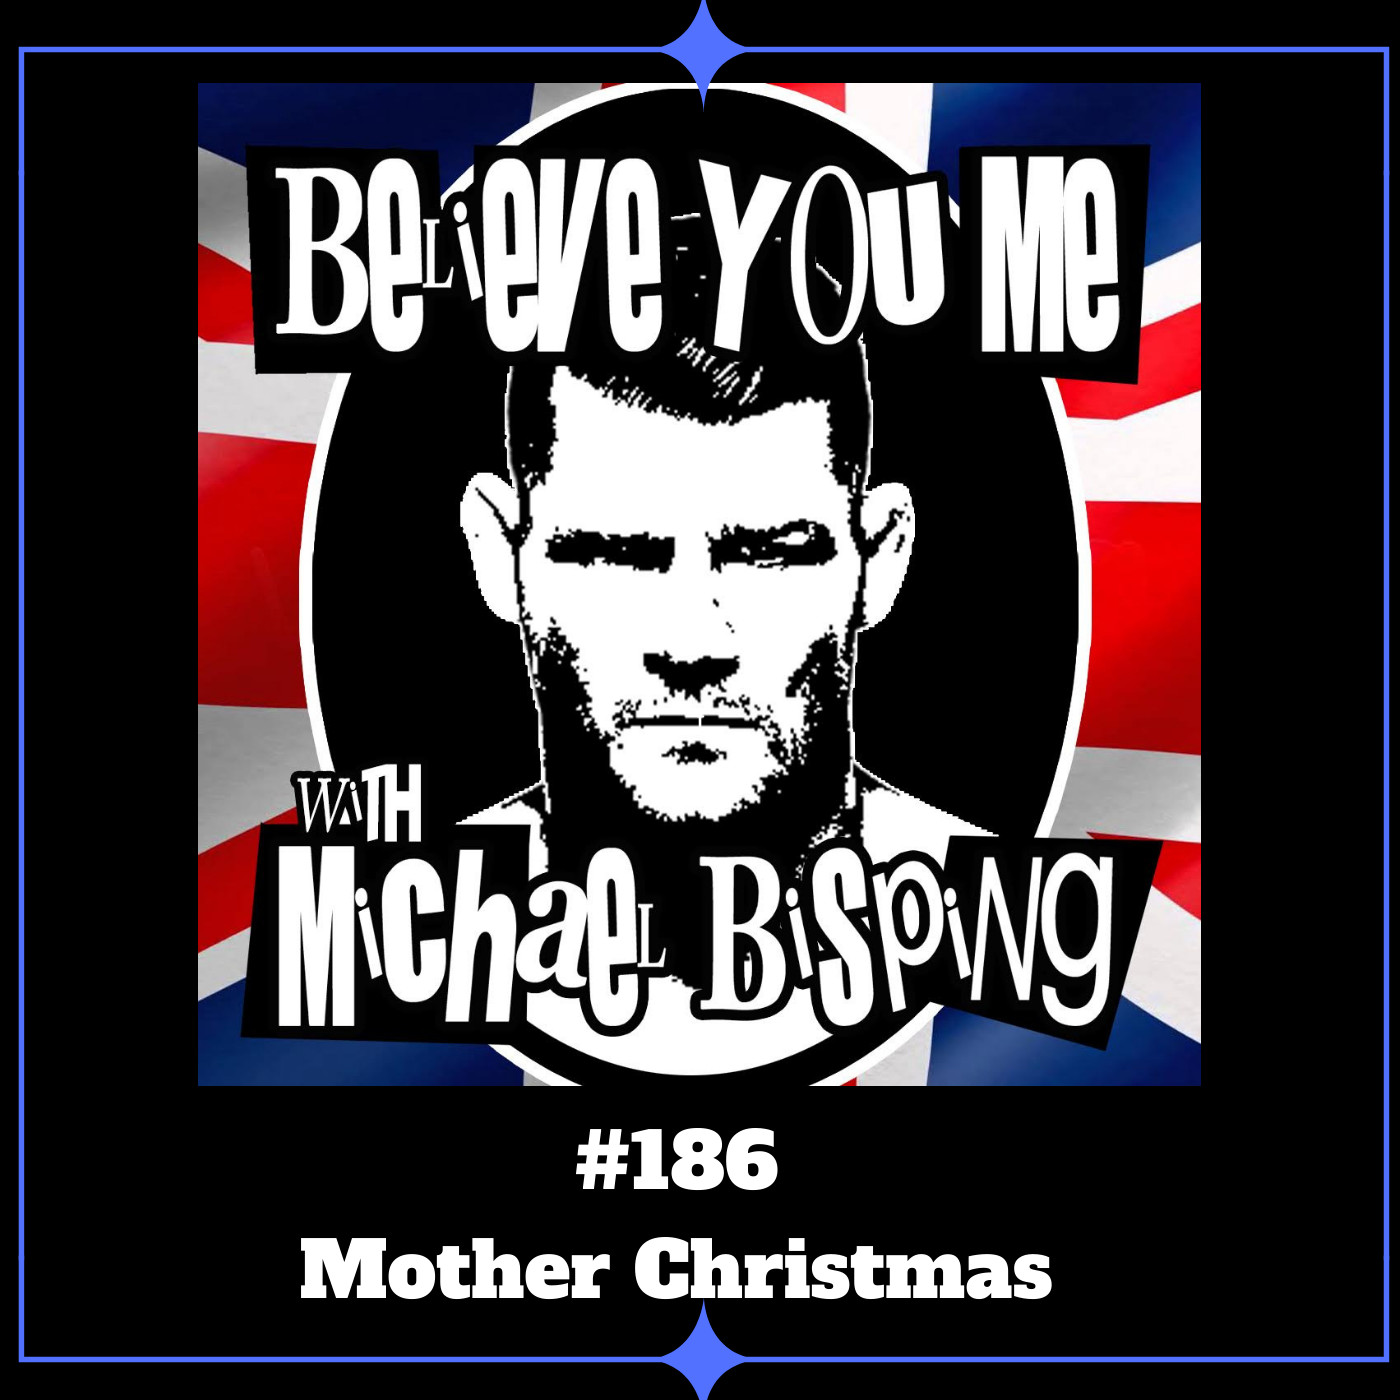 186 - Mother Christmas